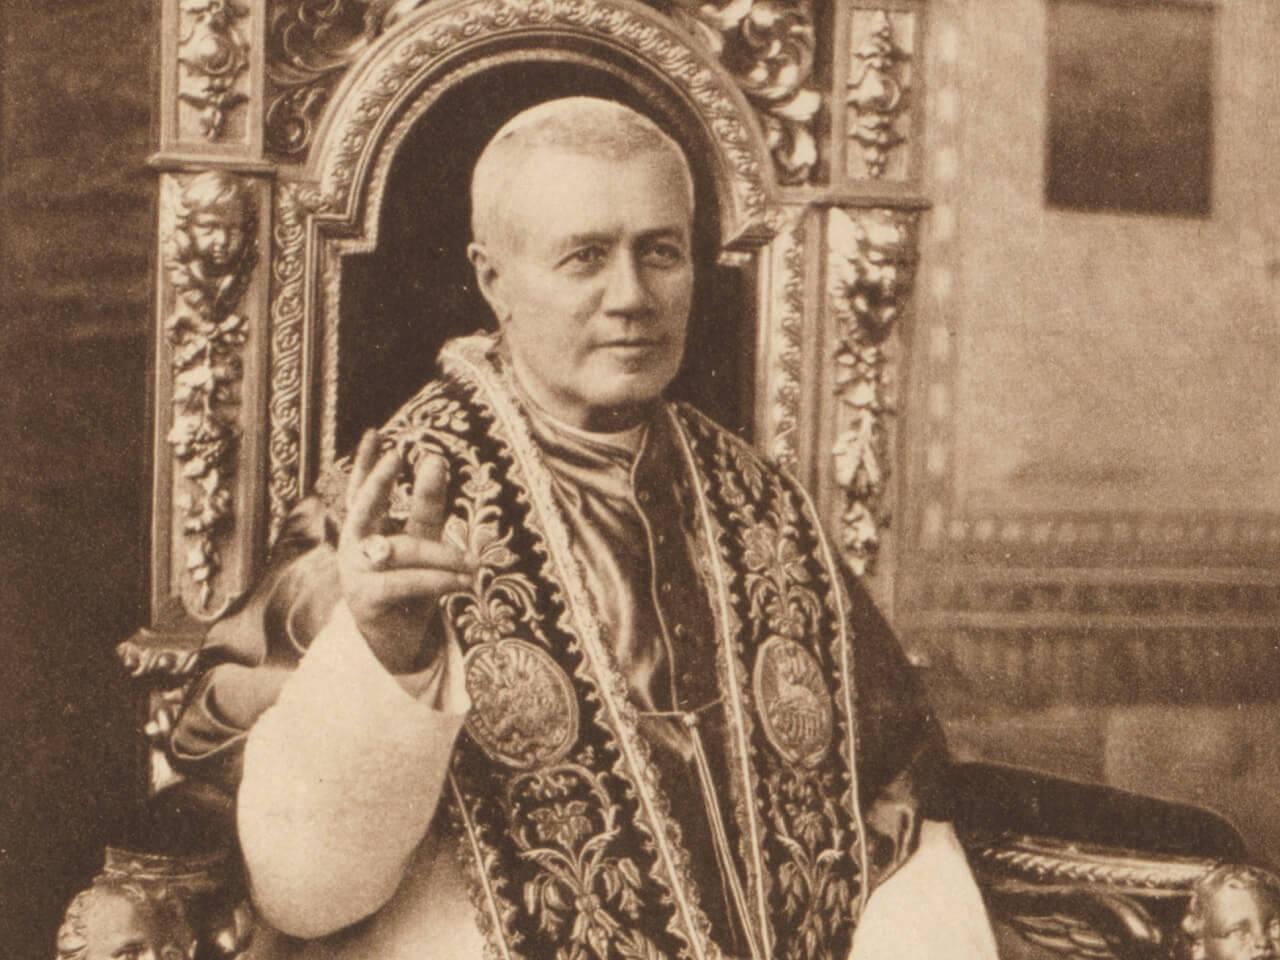 Die Vision des heiligen Papstes Pius X. über die Flucht des Papstes aus Rom Piusxpaus